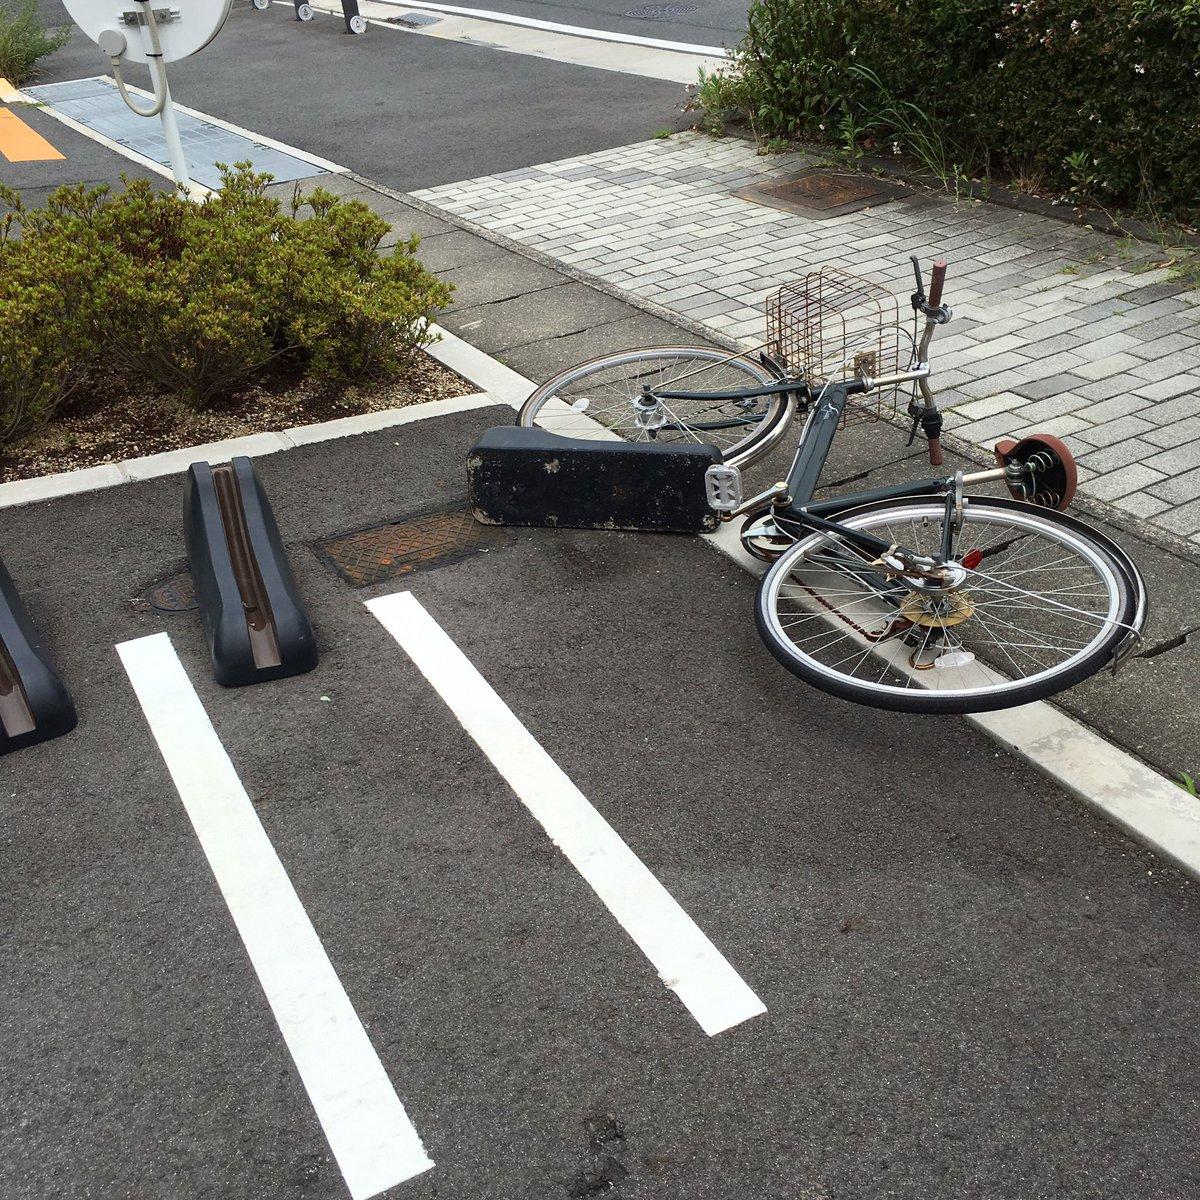 強風が故の悲劇。なお、自転車をホールドするという目的は死守している模様。 https://t.co/6EMUiE1DPM